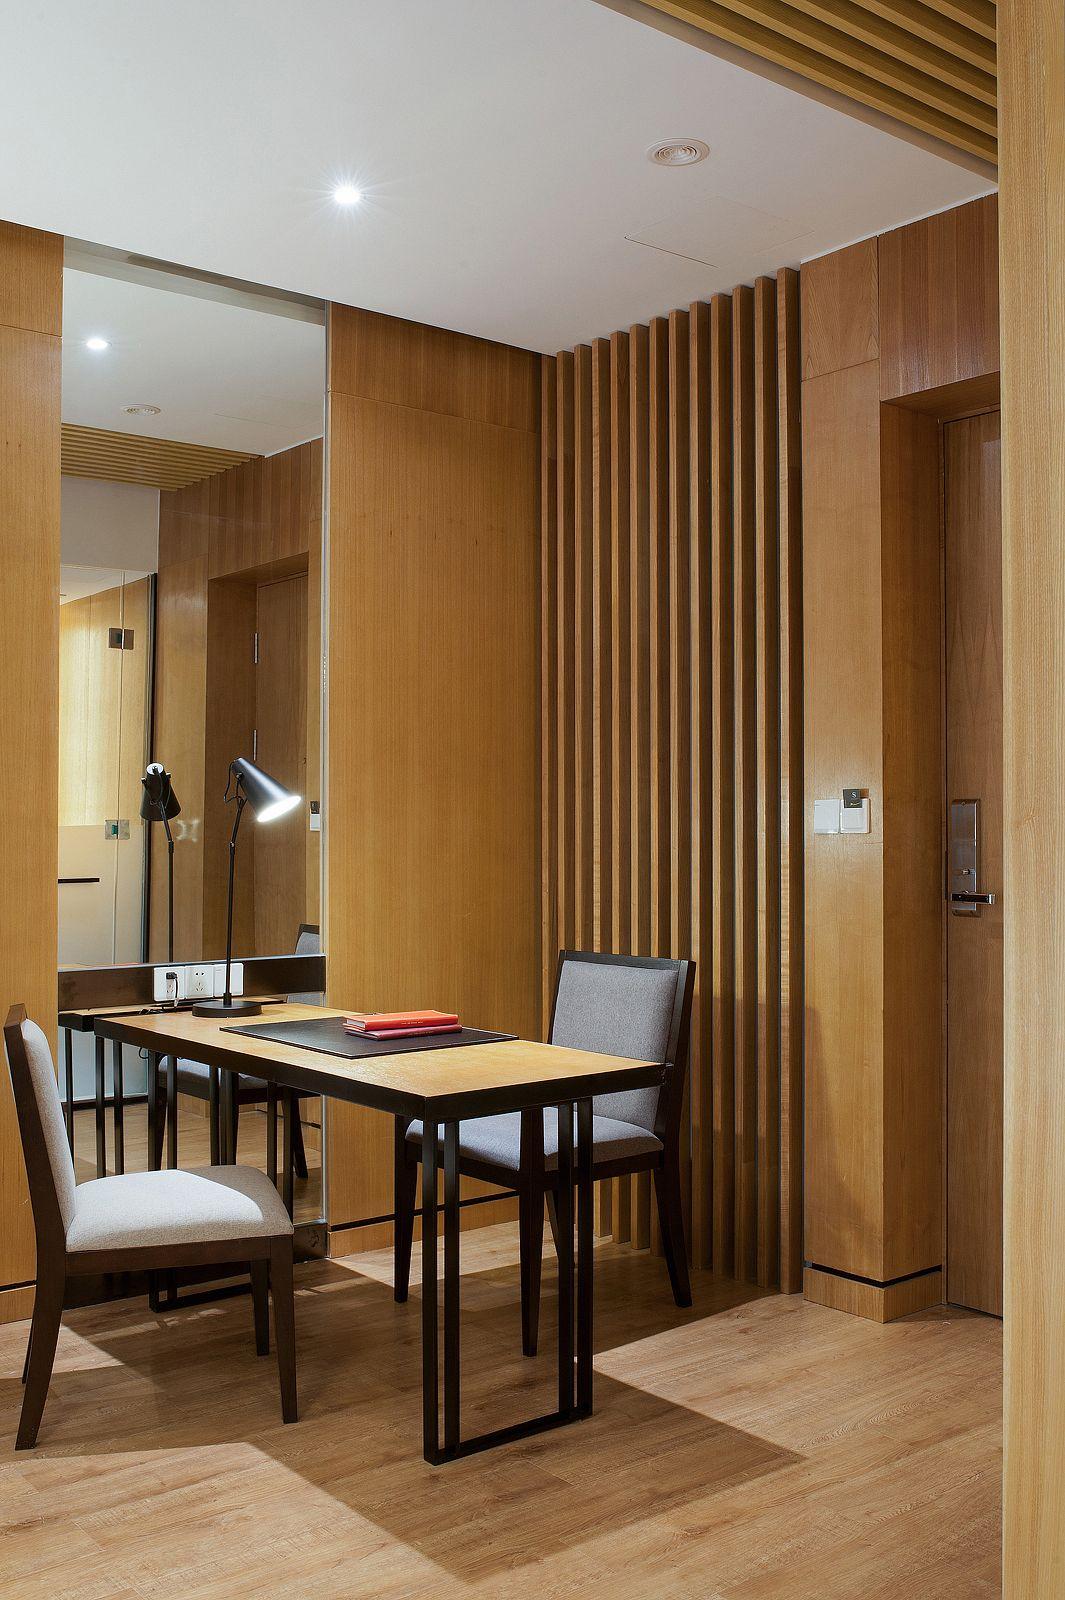 Hotel Room Furniture: Professional Manufacturer Modern Design Hotel Guest Room